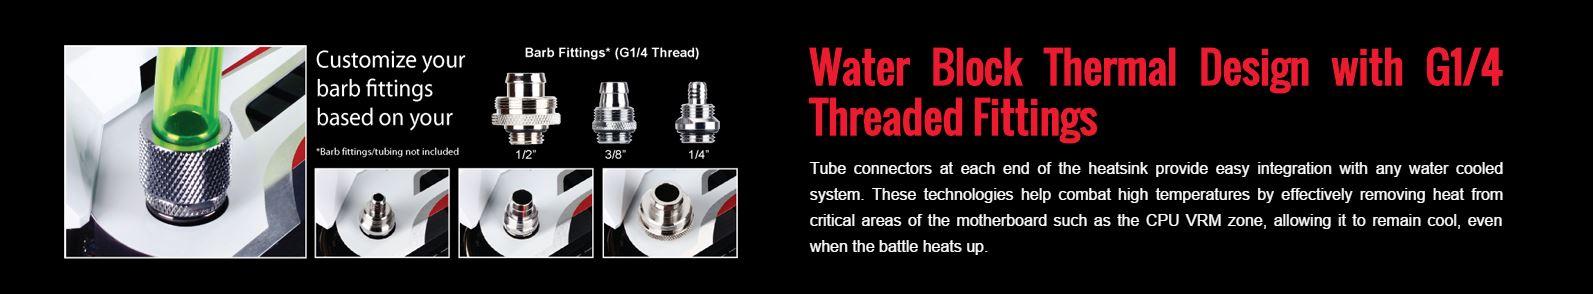 Water Block Thermal Design